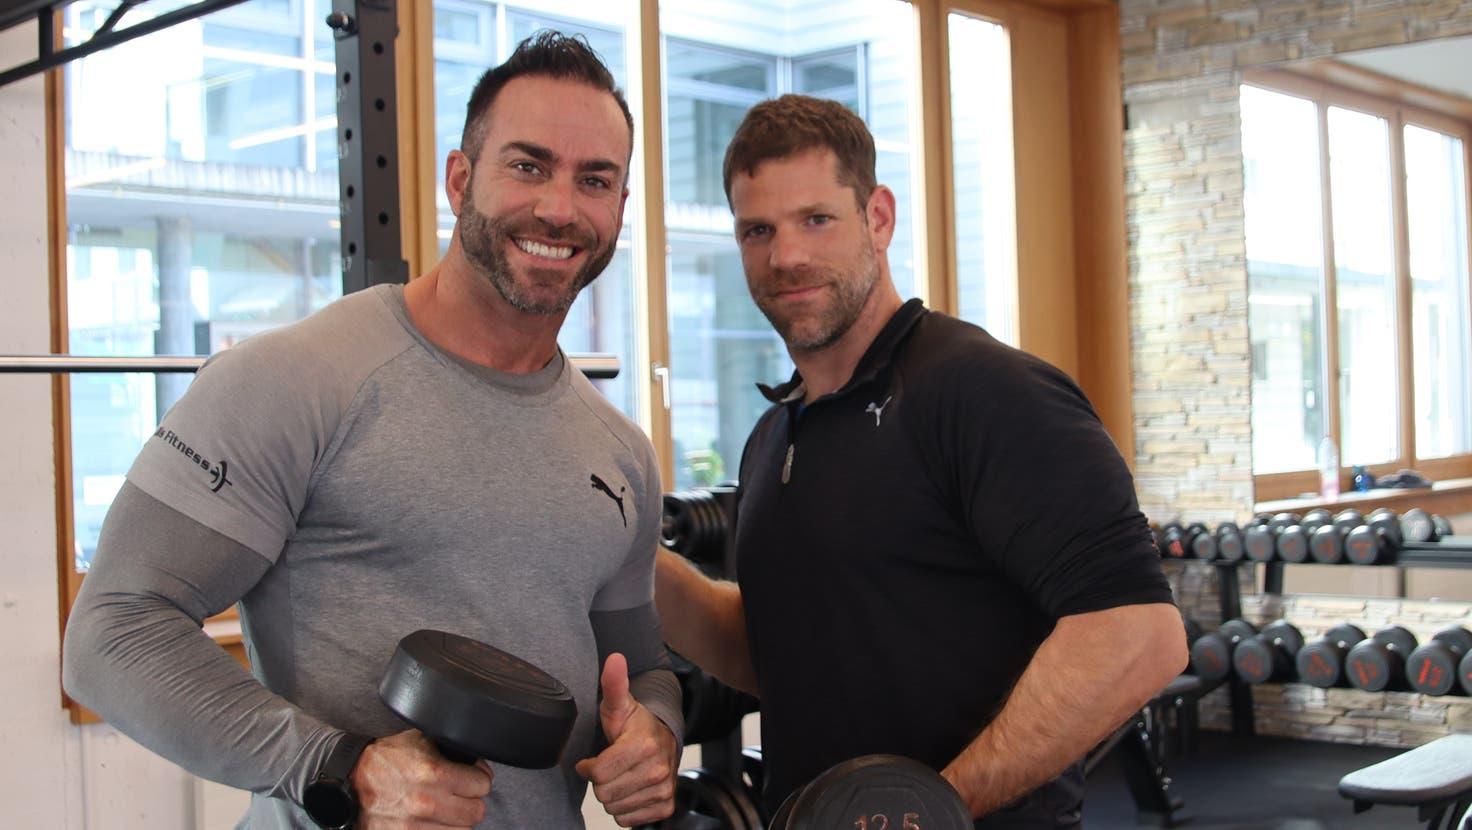 Marco Hirsiger,Profi-Bodybuilder und Pascal Vogel, Verkaufs- und Marketingleiter des «Diis Fitnesscenters» in Urdorf lassen ihre Muskeln spielen. (Lydia Lippuner)